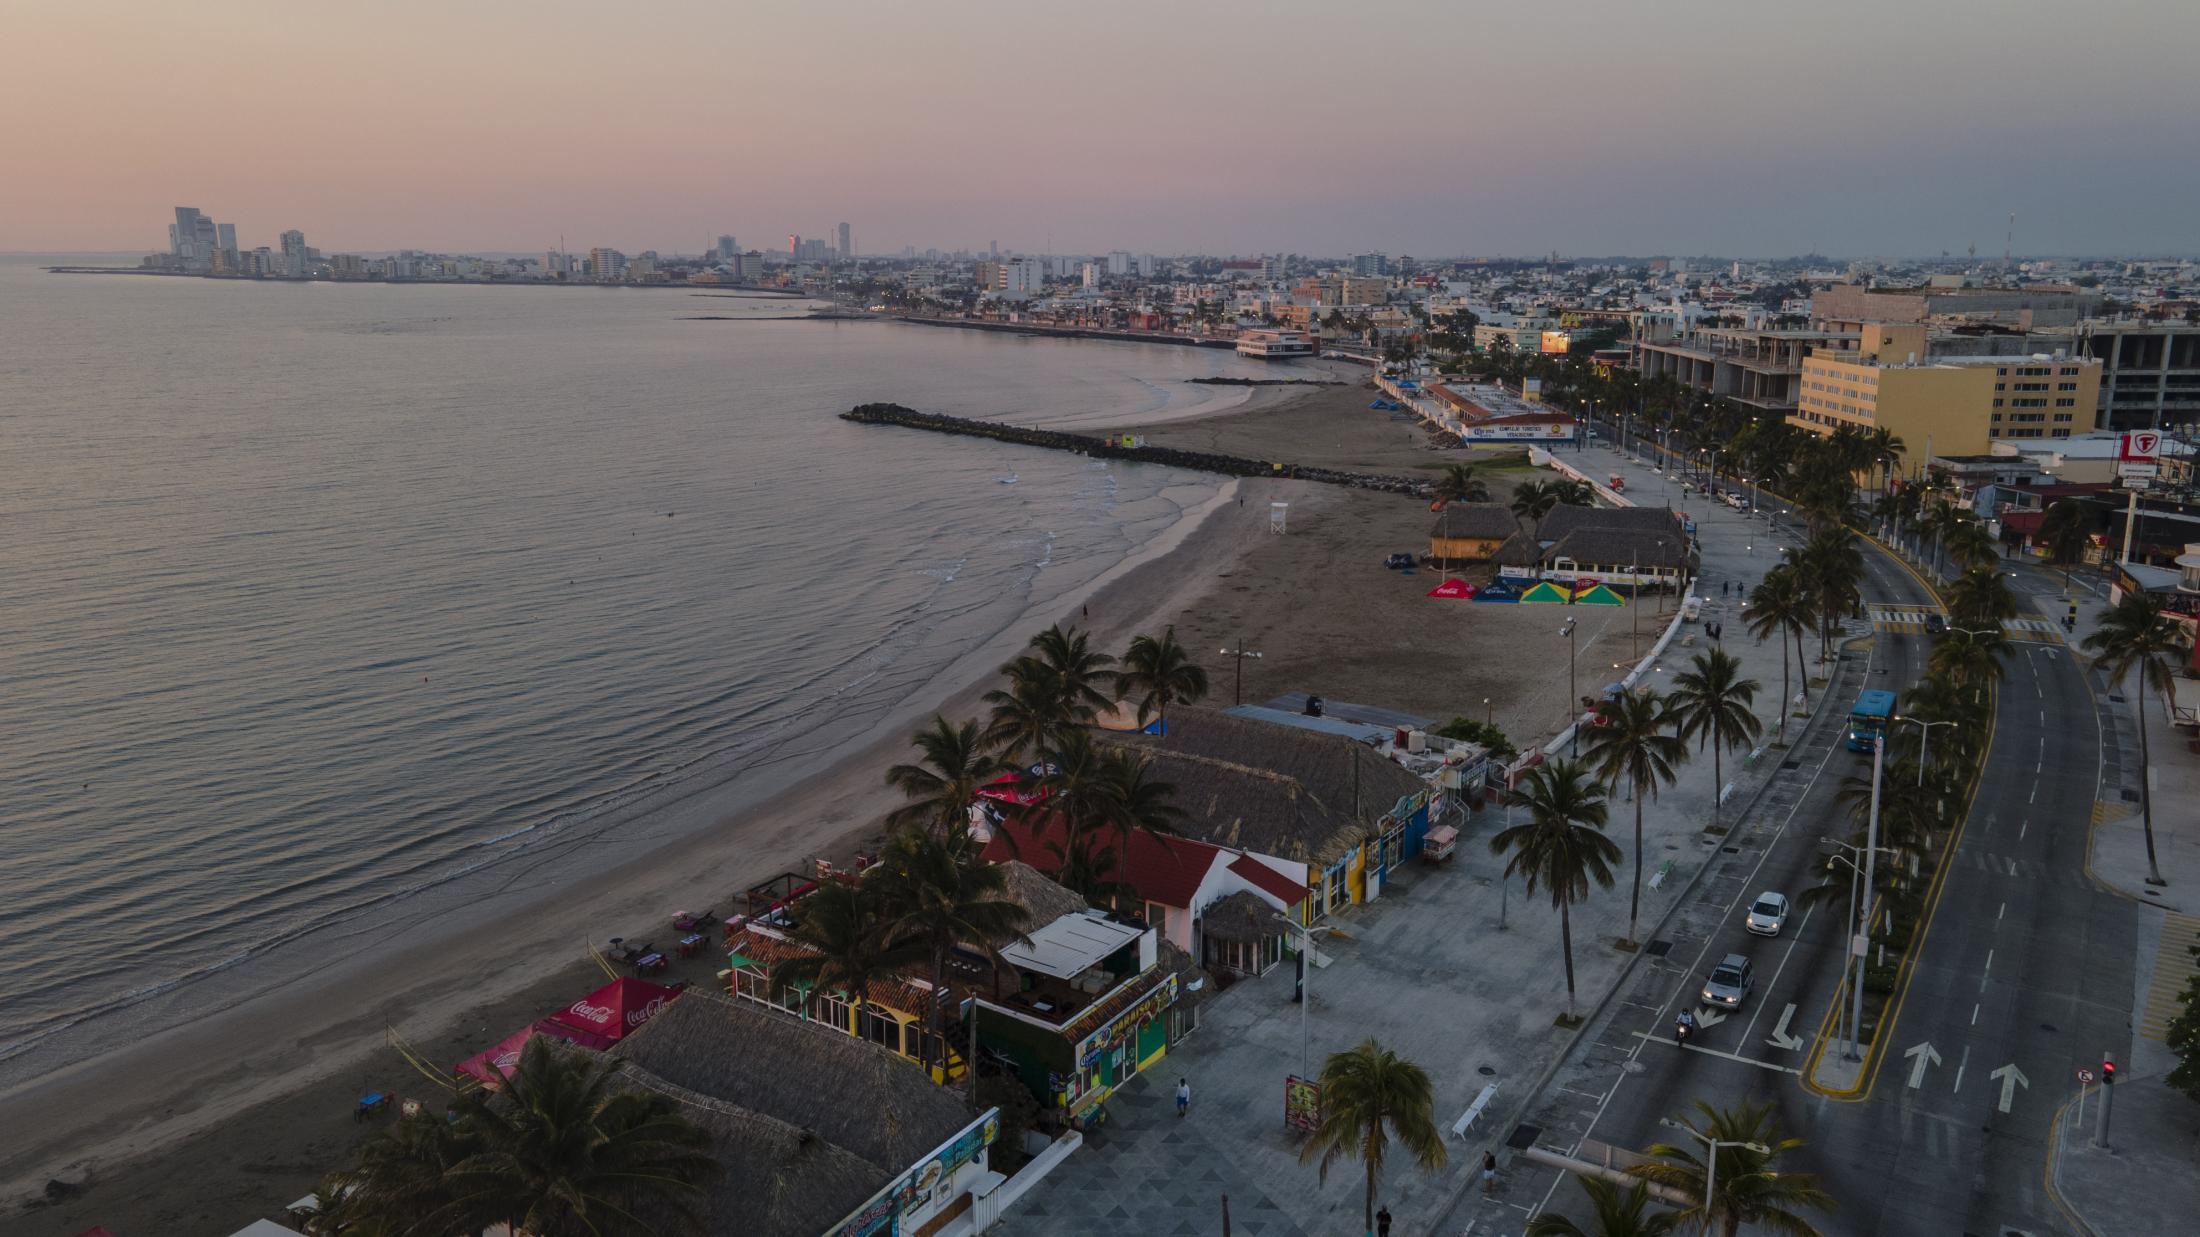 Vista aérea de la zona turística del Puerto de Veracruz, donde se encuentran los sitios donde laboró Paola Reyes como cocinera de mariscos. En Veracruz, México. El 25 de Marzo del 2021.